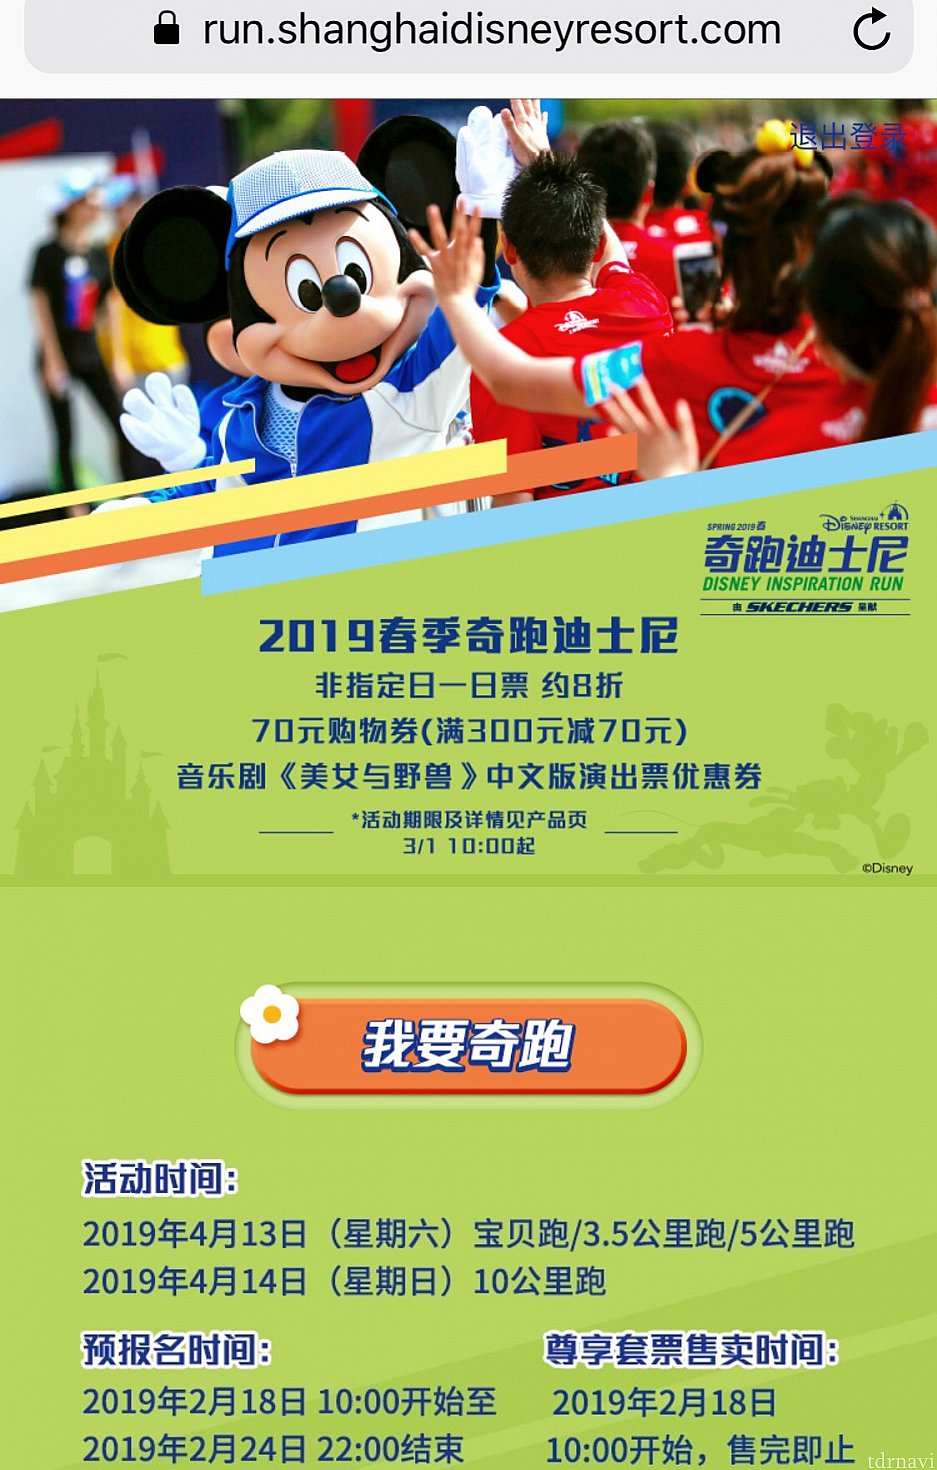 上海ディズニーオフィシャルサイトから専用サイトに飛んでからエントリーします。エントリーには事前にアカウント登録が必要となります。